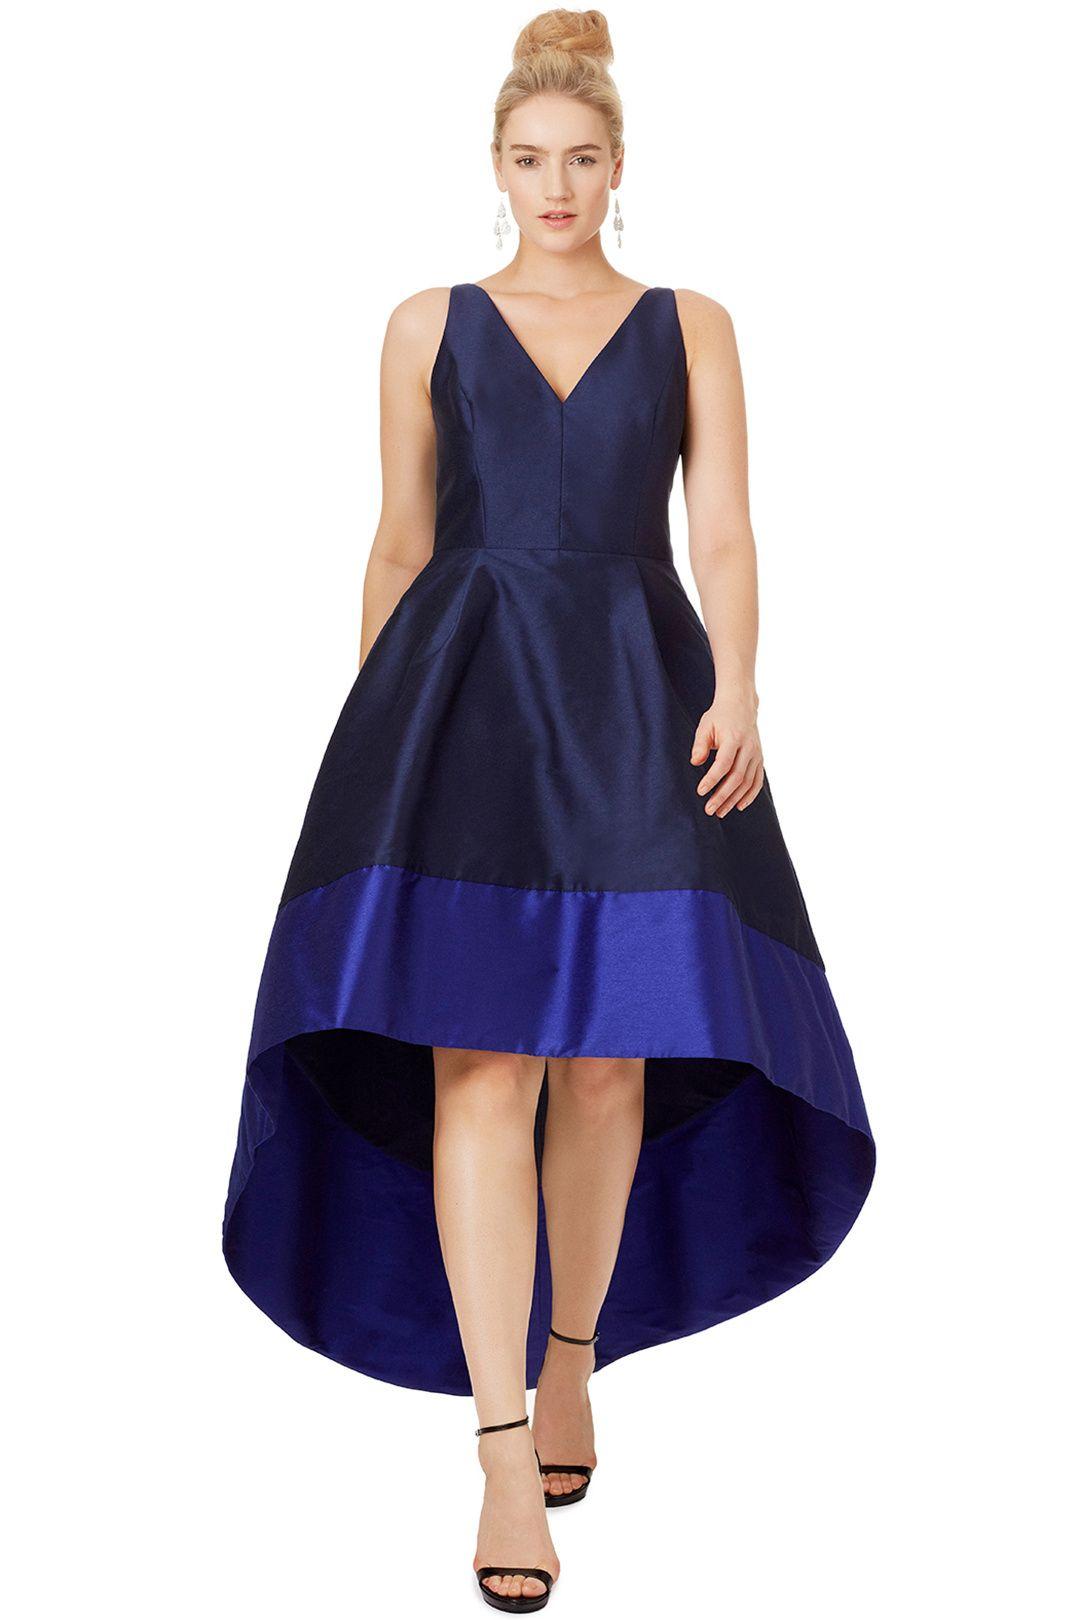 Plus size wedding dress rental  Double Up Dress  Pre Wedding Planning  Pinterest  Monique